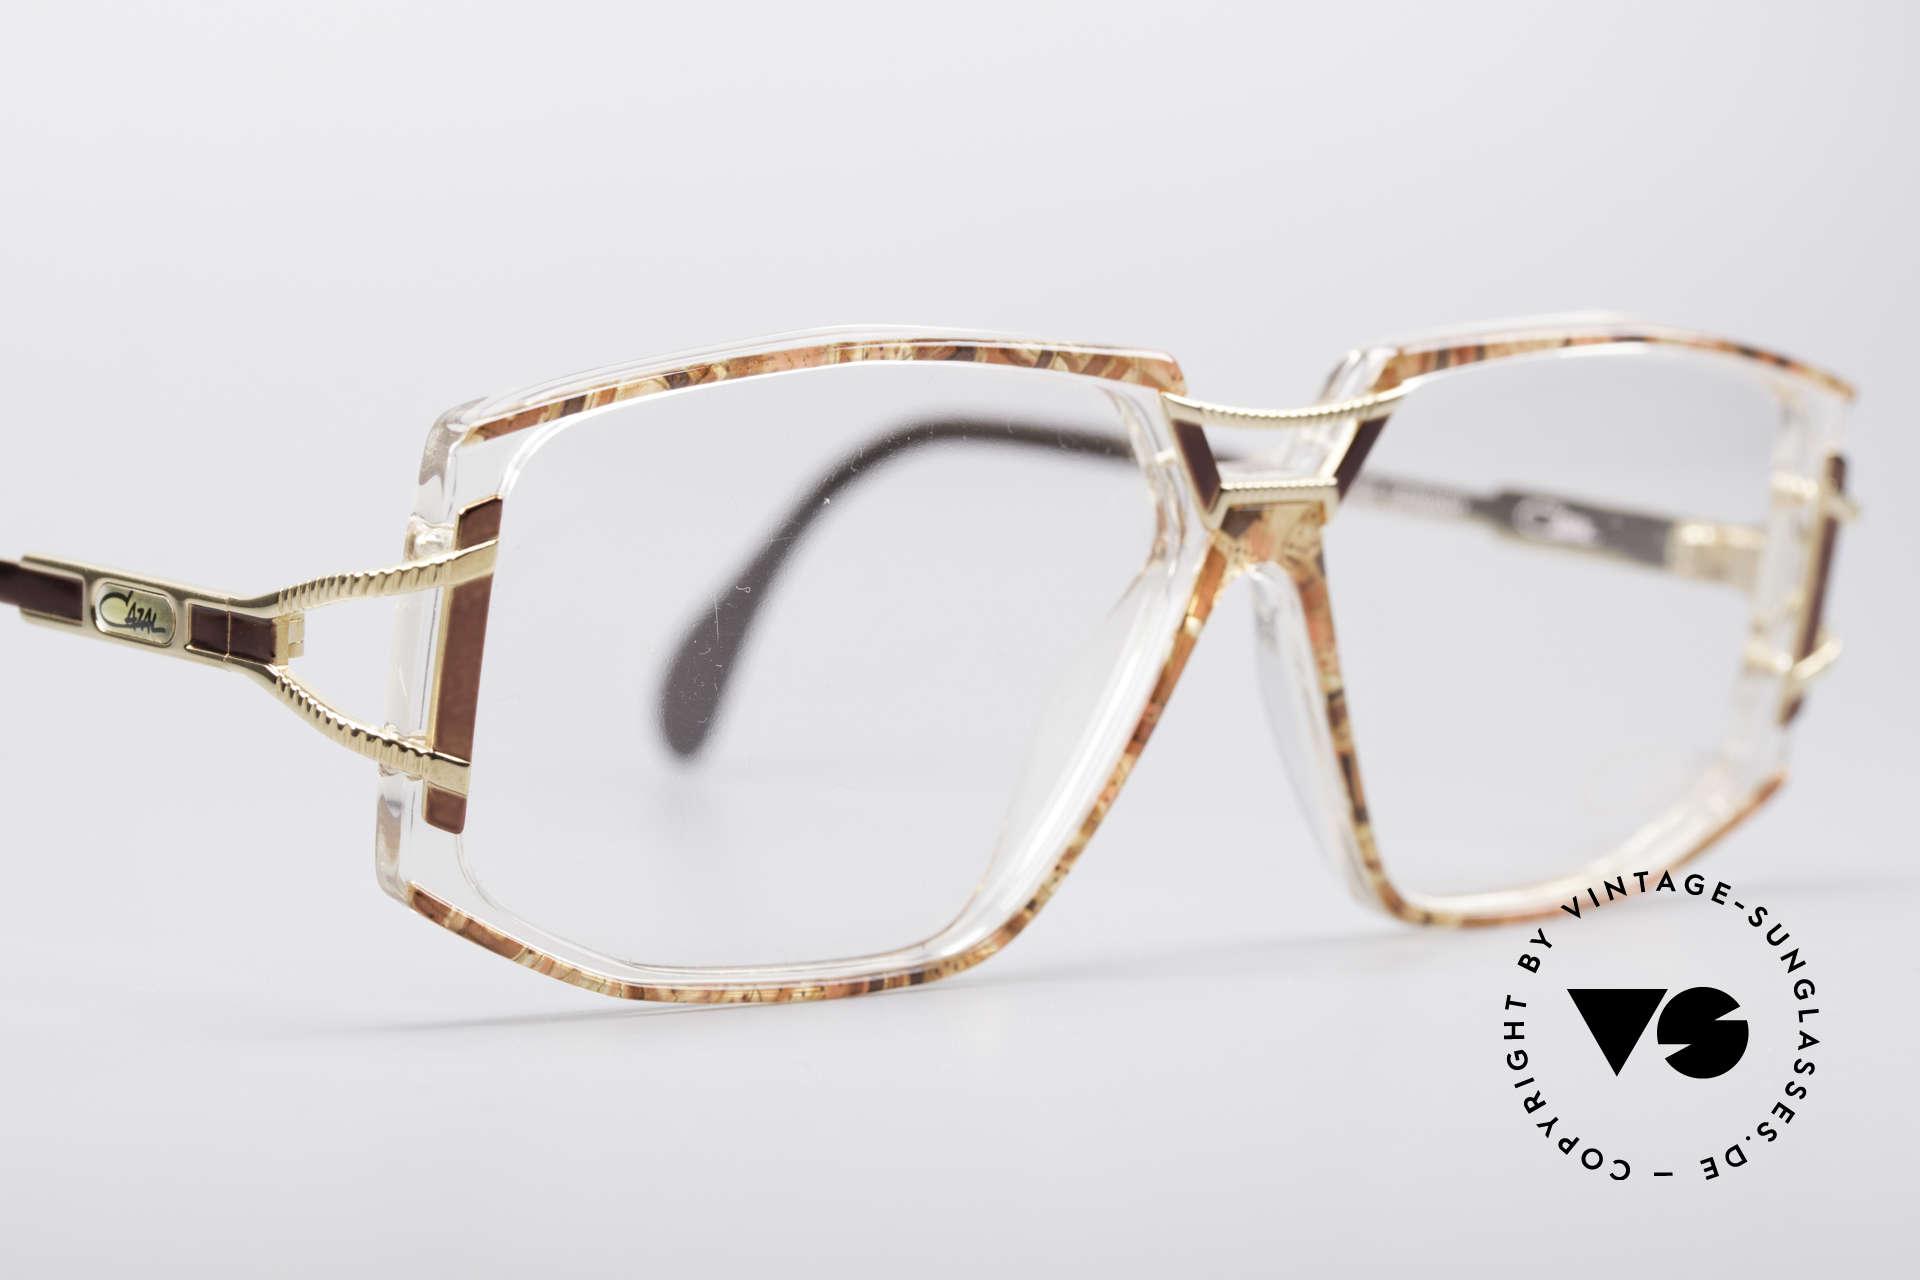 Cazal 362 No Retro 90er Vintage Brille, KEINE Retrobrille; ein echtes altes 1990er Original, Passend für Damen